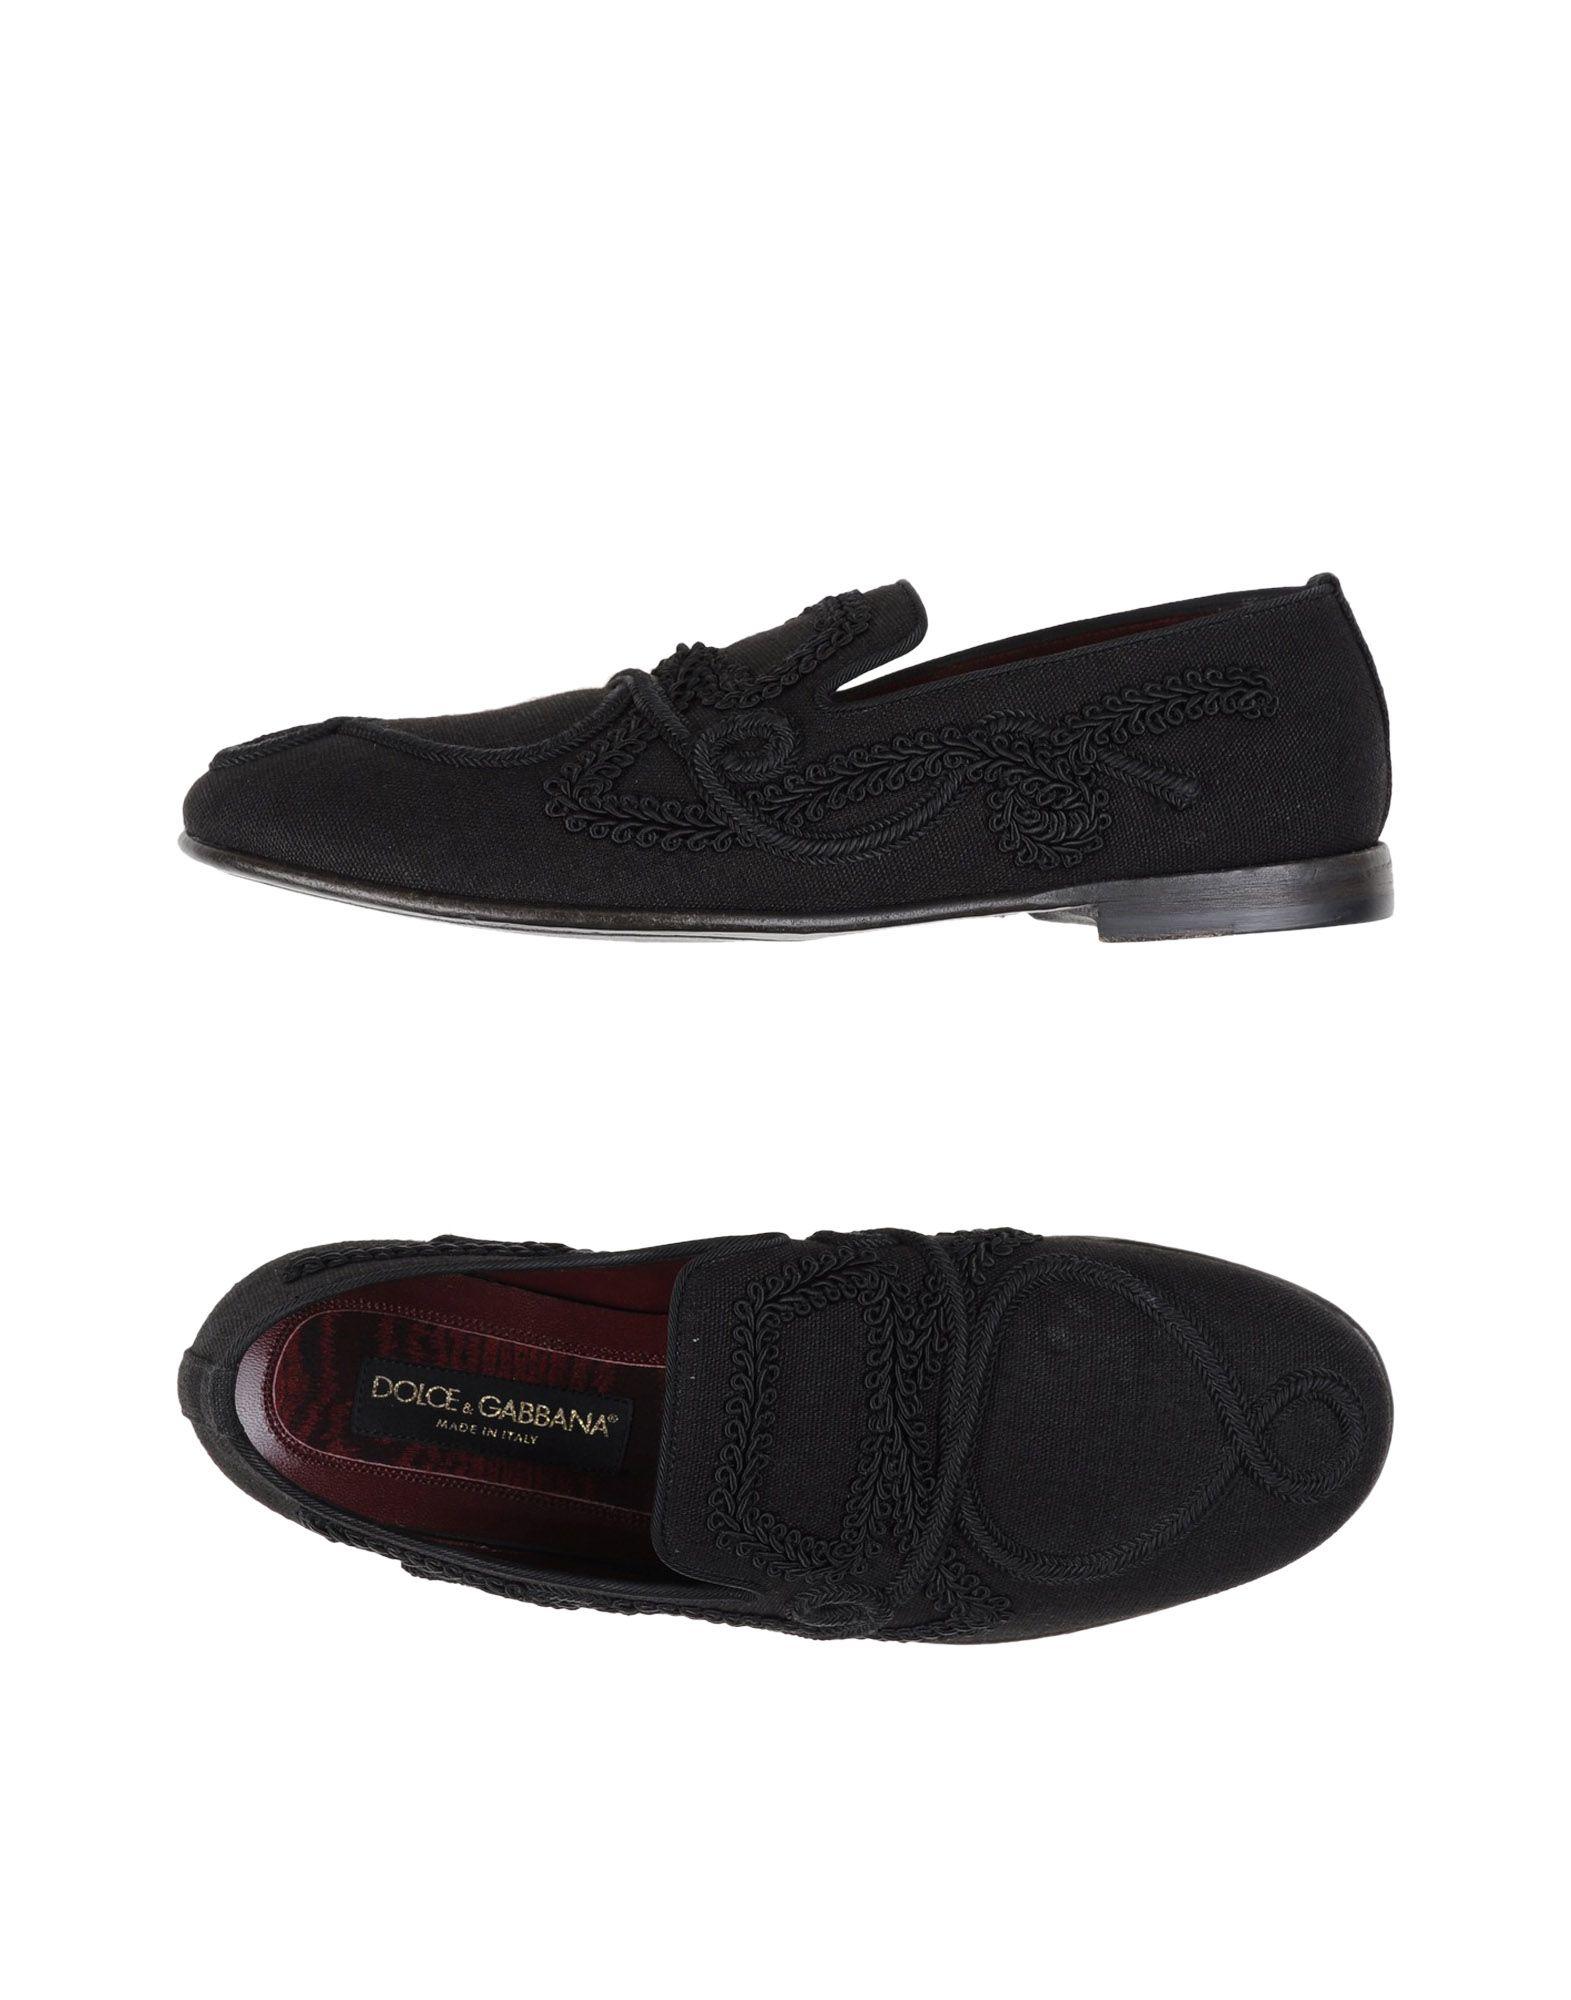 Dolce  & Gabbana Mokassins Herren  Dolce 11112915LT Gute Qualität beliebte Schuhe 78a432